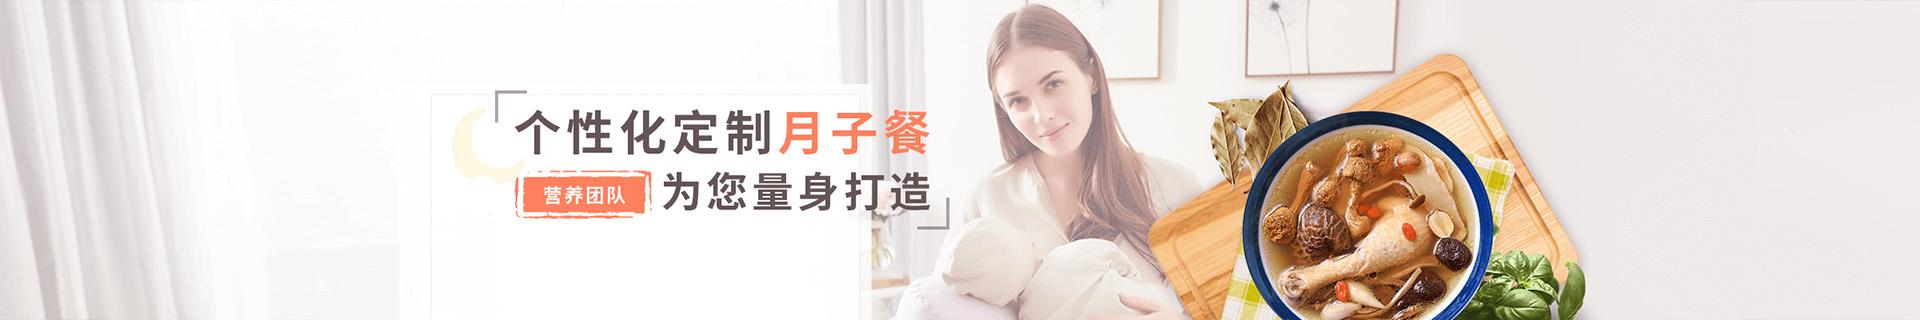 深圳福田多喜娃母婴职业培训学校